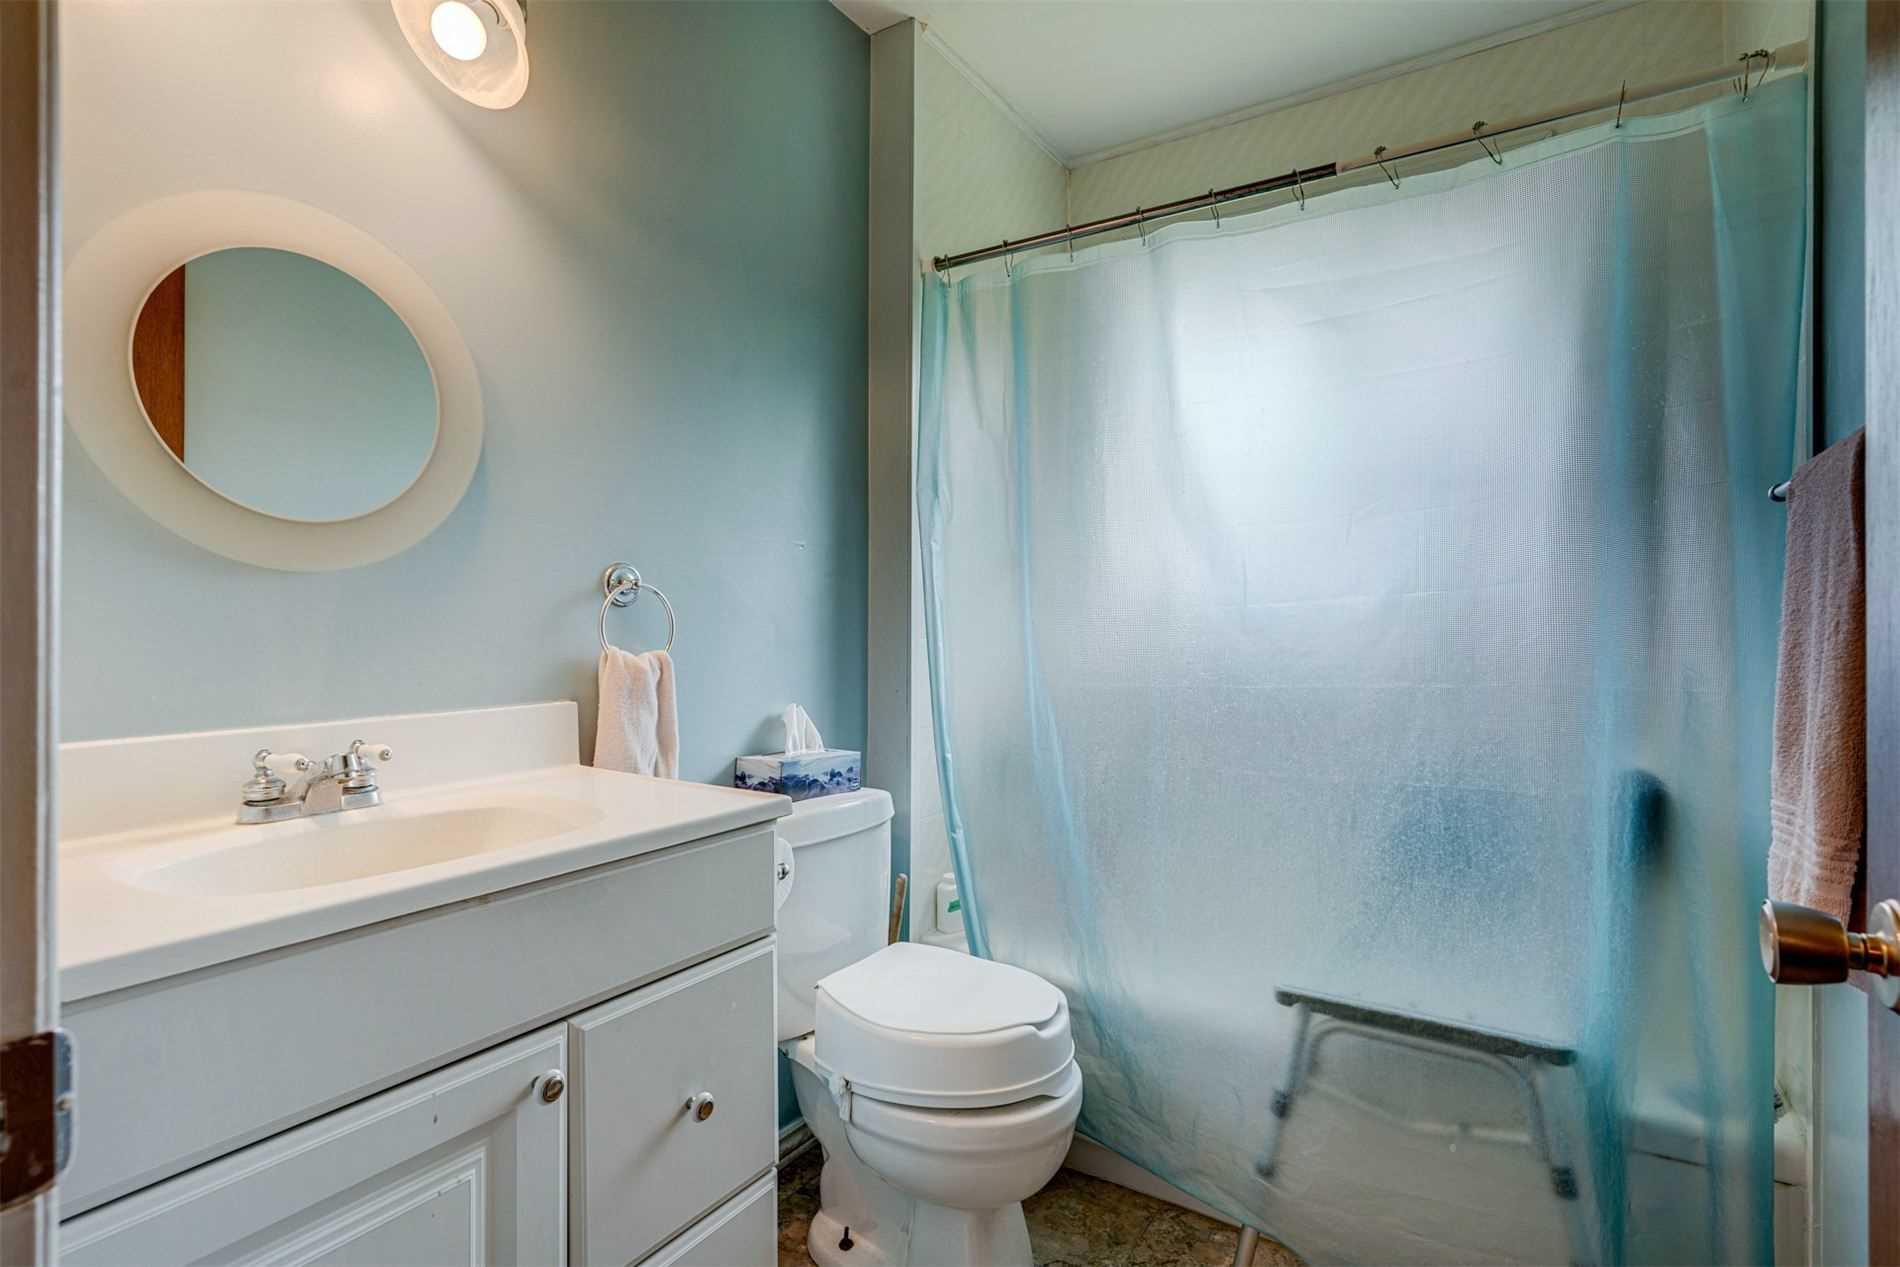 4189 Brock Rd - Uxbridge Detached for sale, 3 Bedrooms (N5311768) - #26